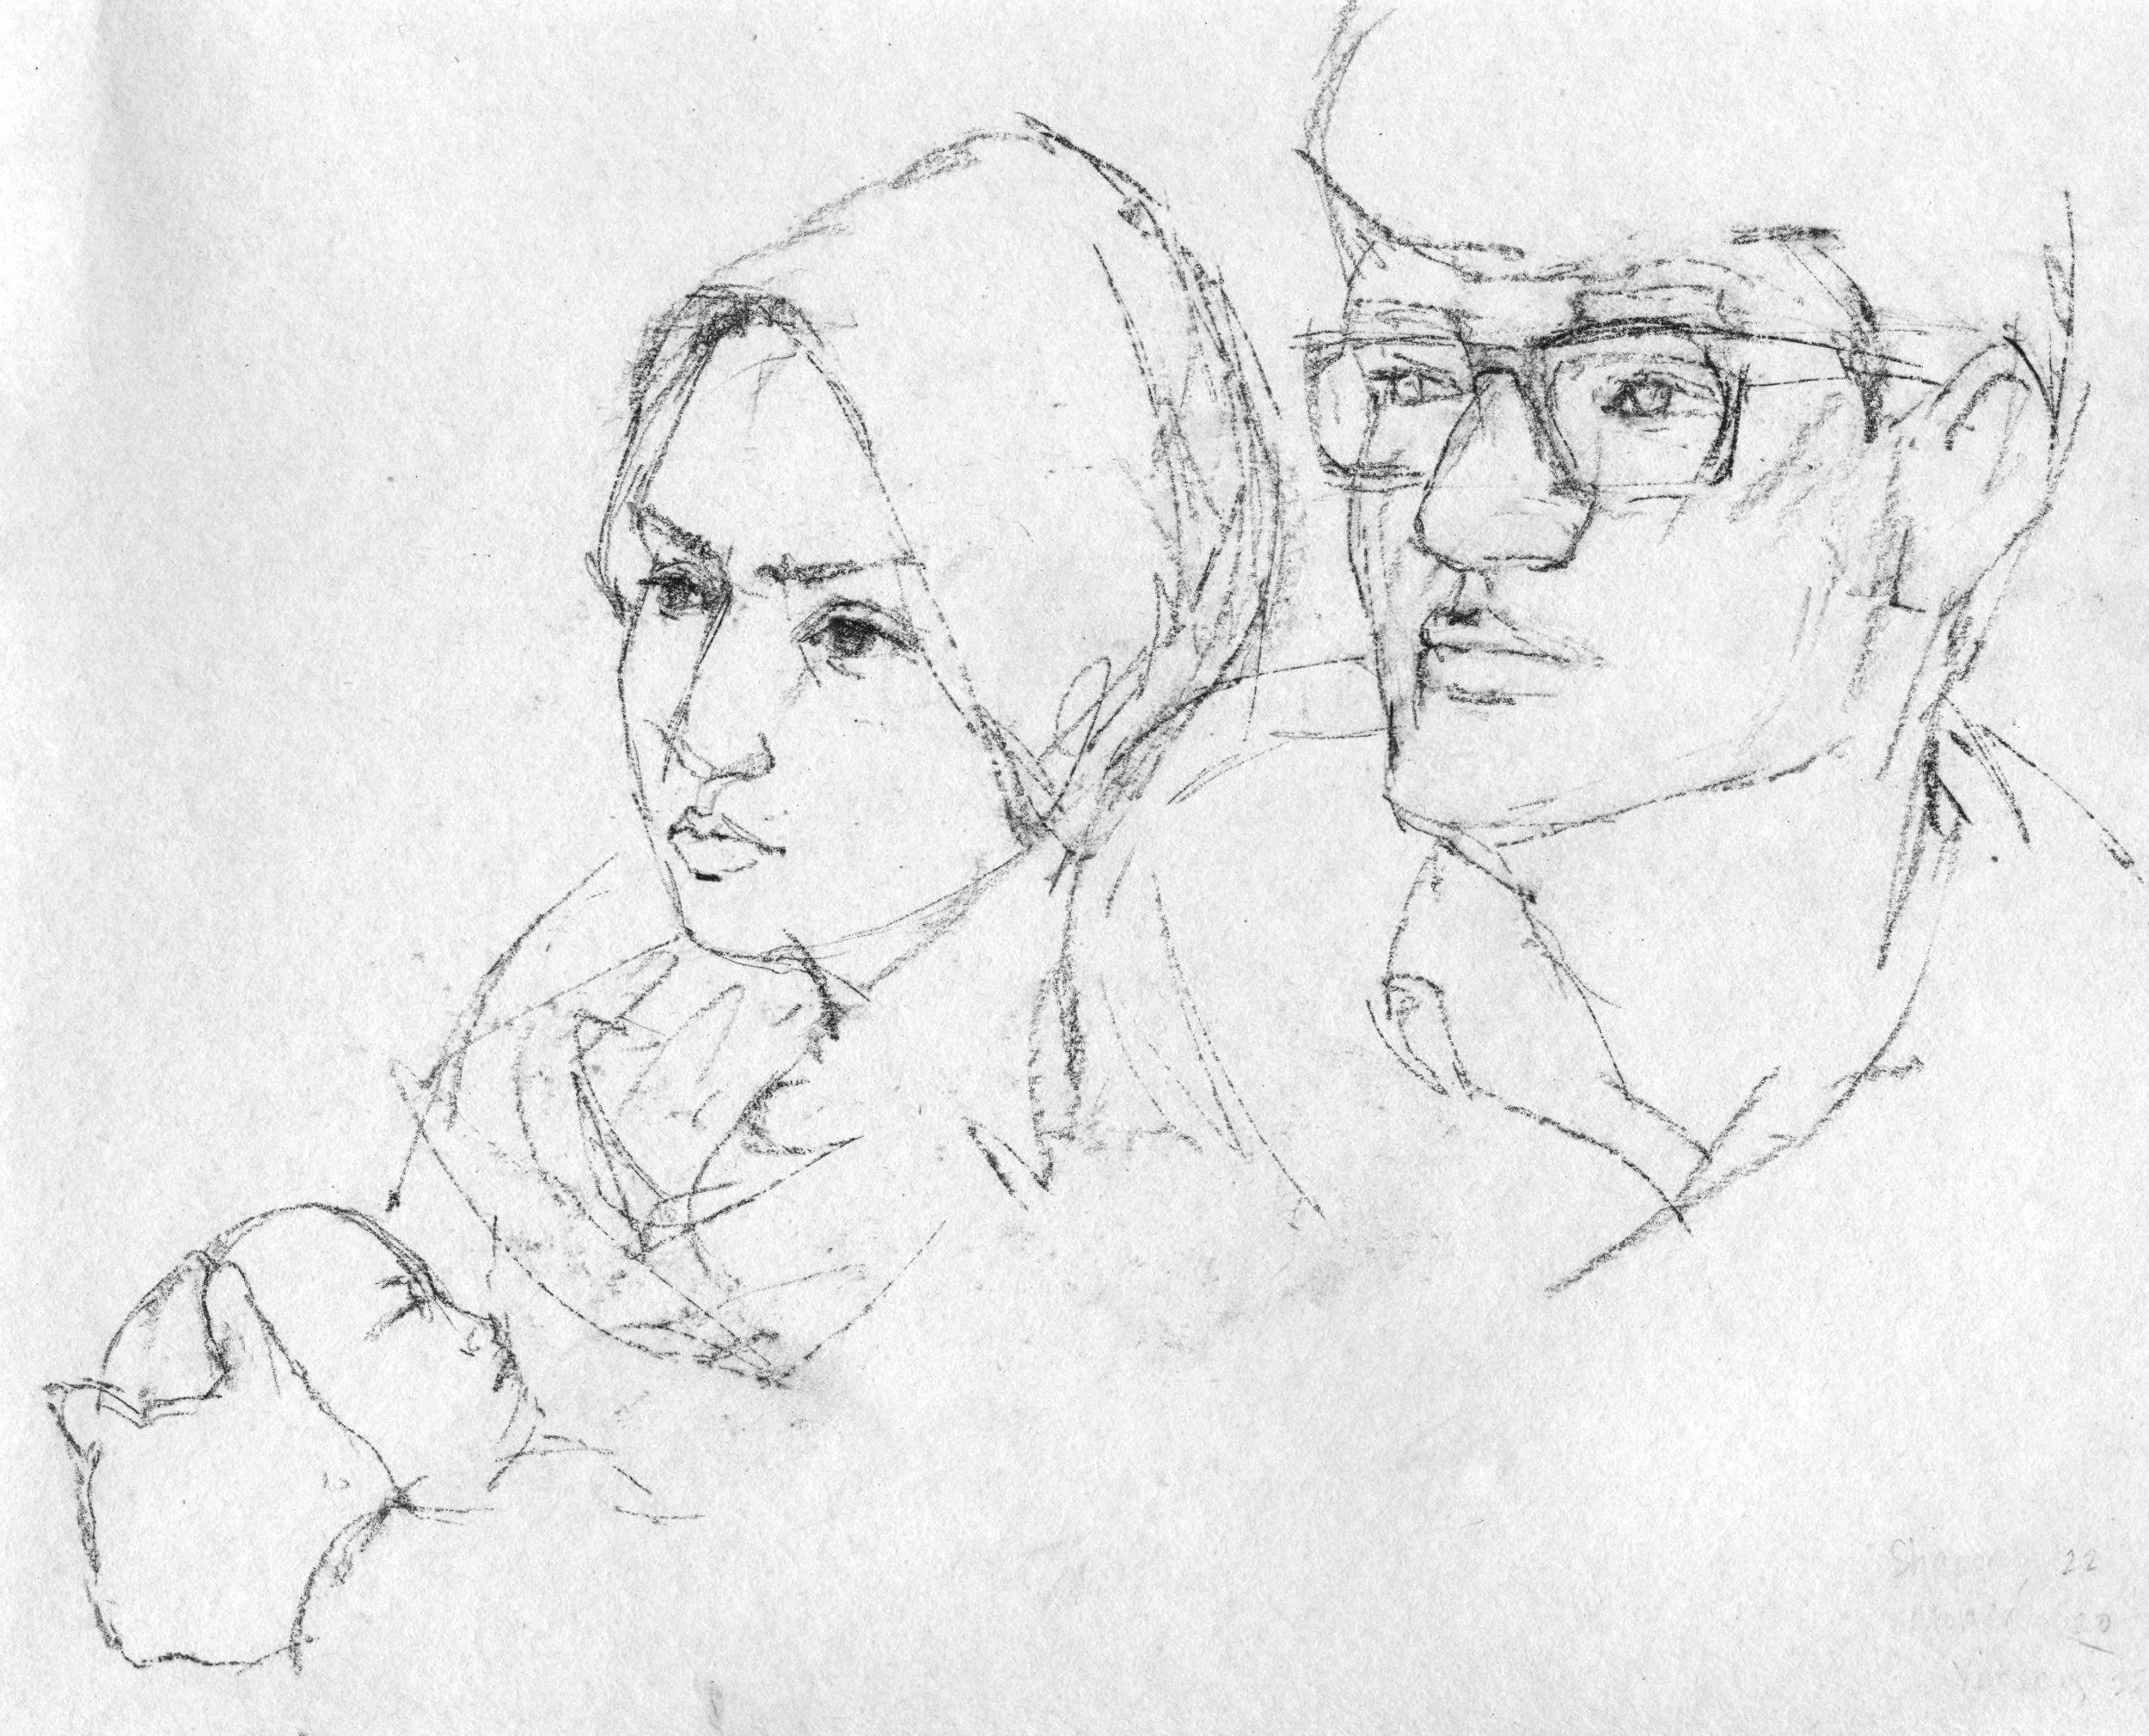 sketch11.jpg